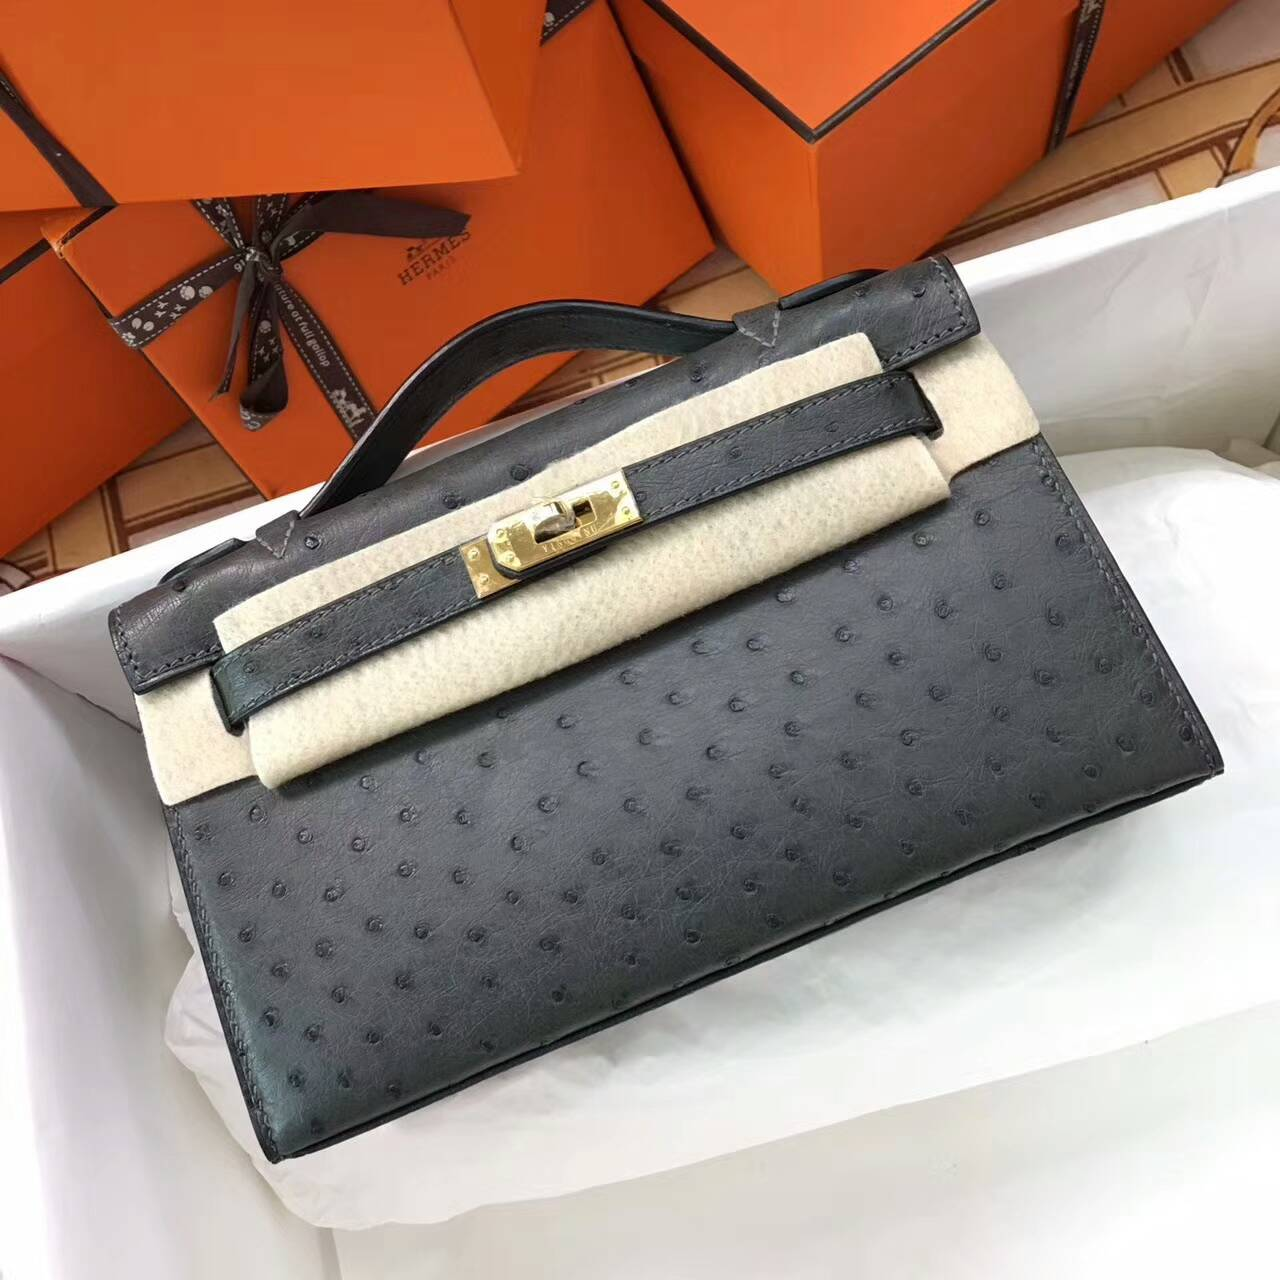 Hermes爱马仕 Mini Kelly pochette 22cm Ostrich Leather 南非原产KK级鸵鸟皮 8F Etain 锡器灰 金扣